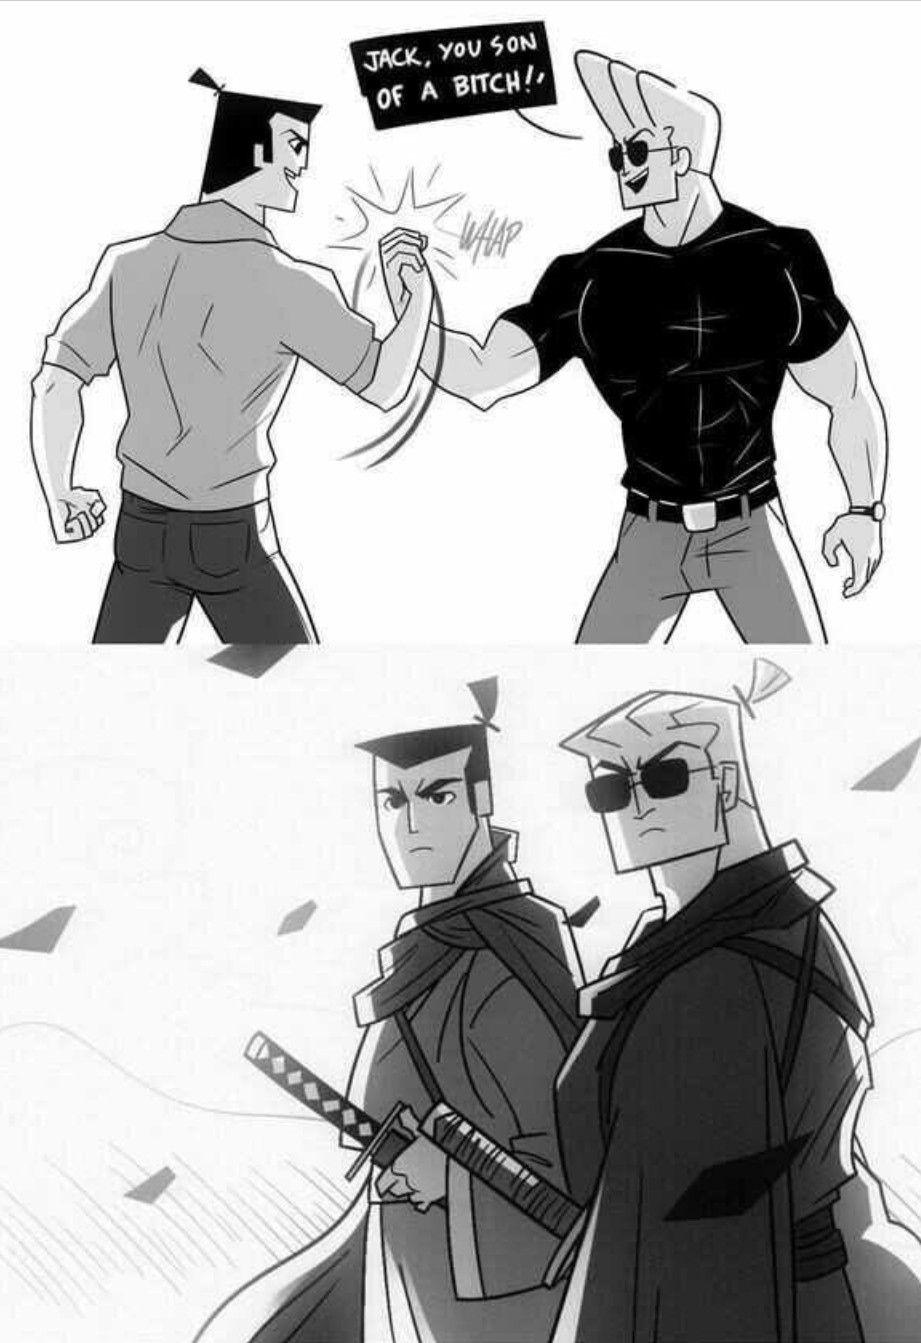 Johnny Bravo And Samurai Jack Old Cartoon Shows Cartoon Crossovers Samurai Jack